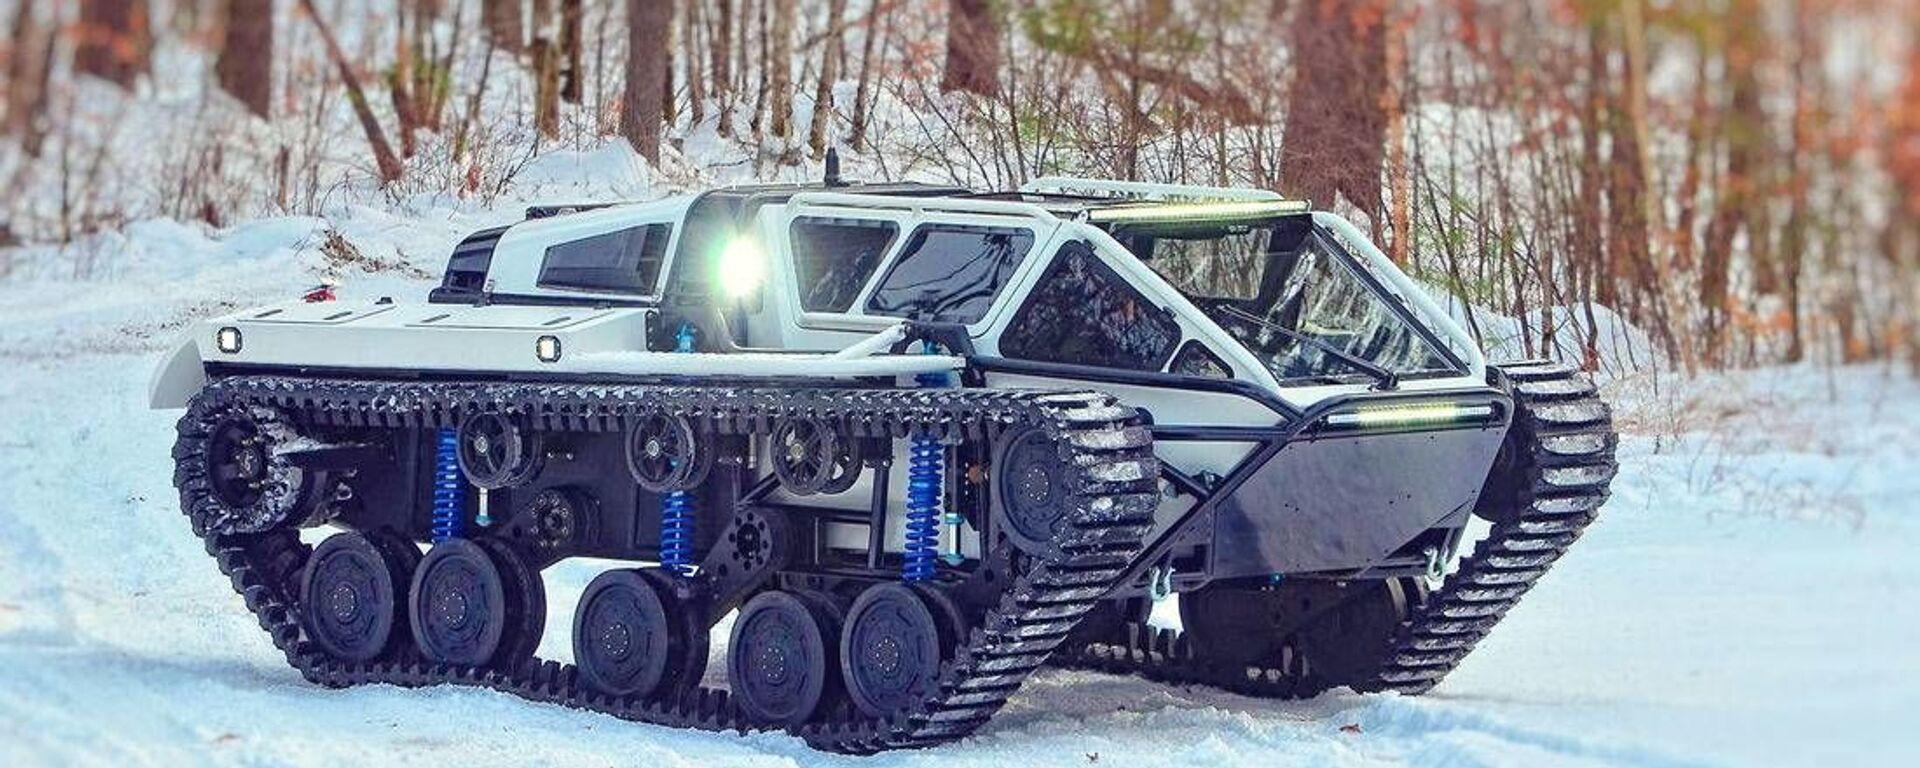 Беспилотный легкий танк Ripsaw EV3-F4 - Sputnik Česká republika, 1920, 06.08.2021